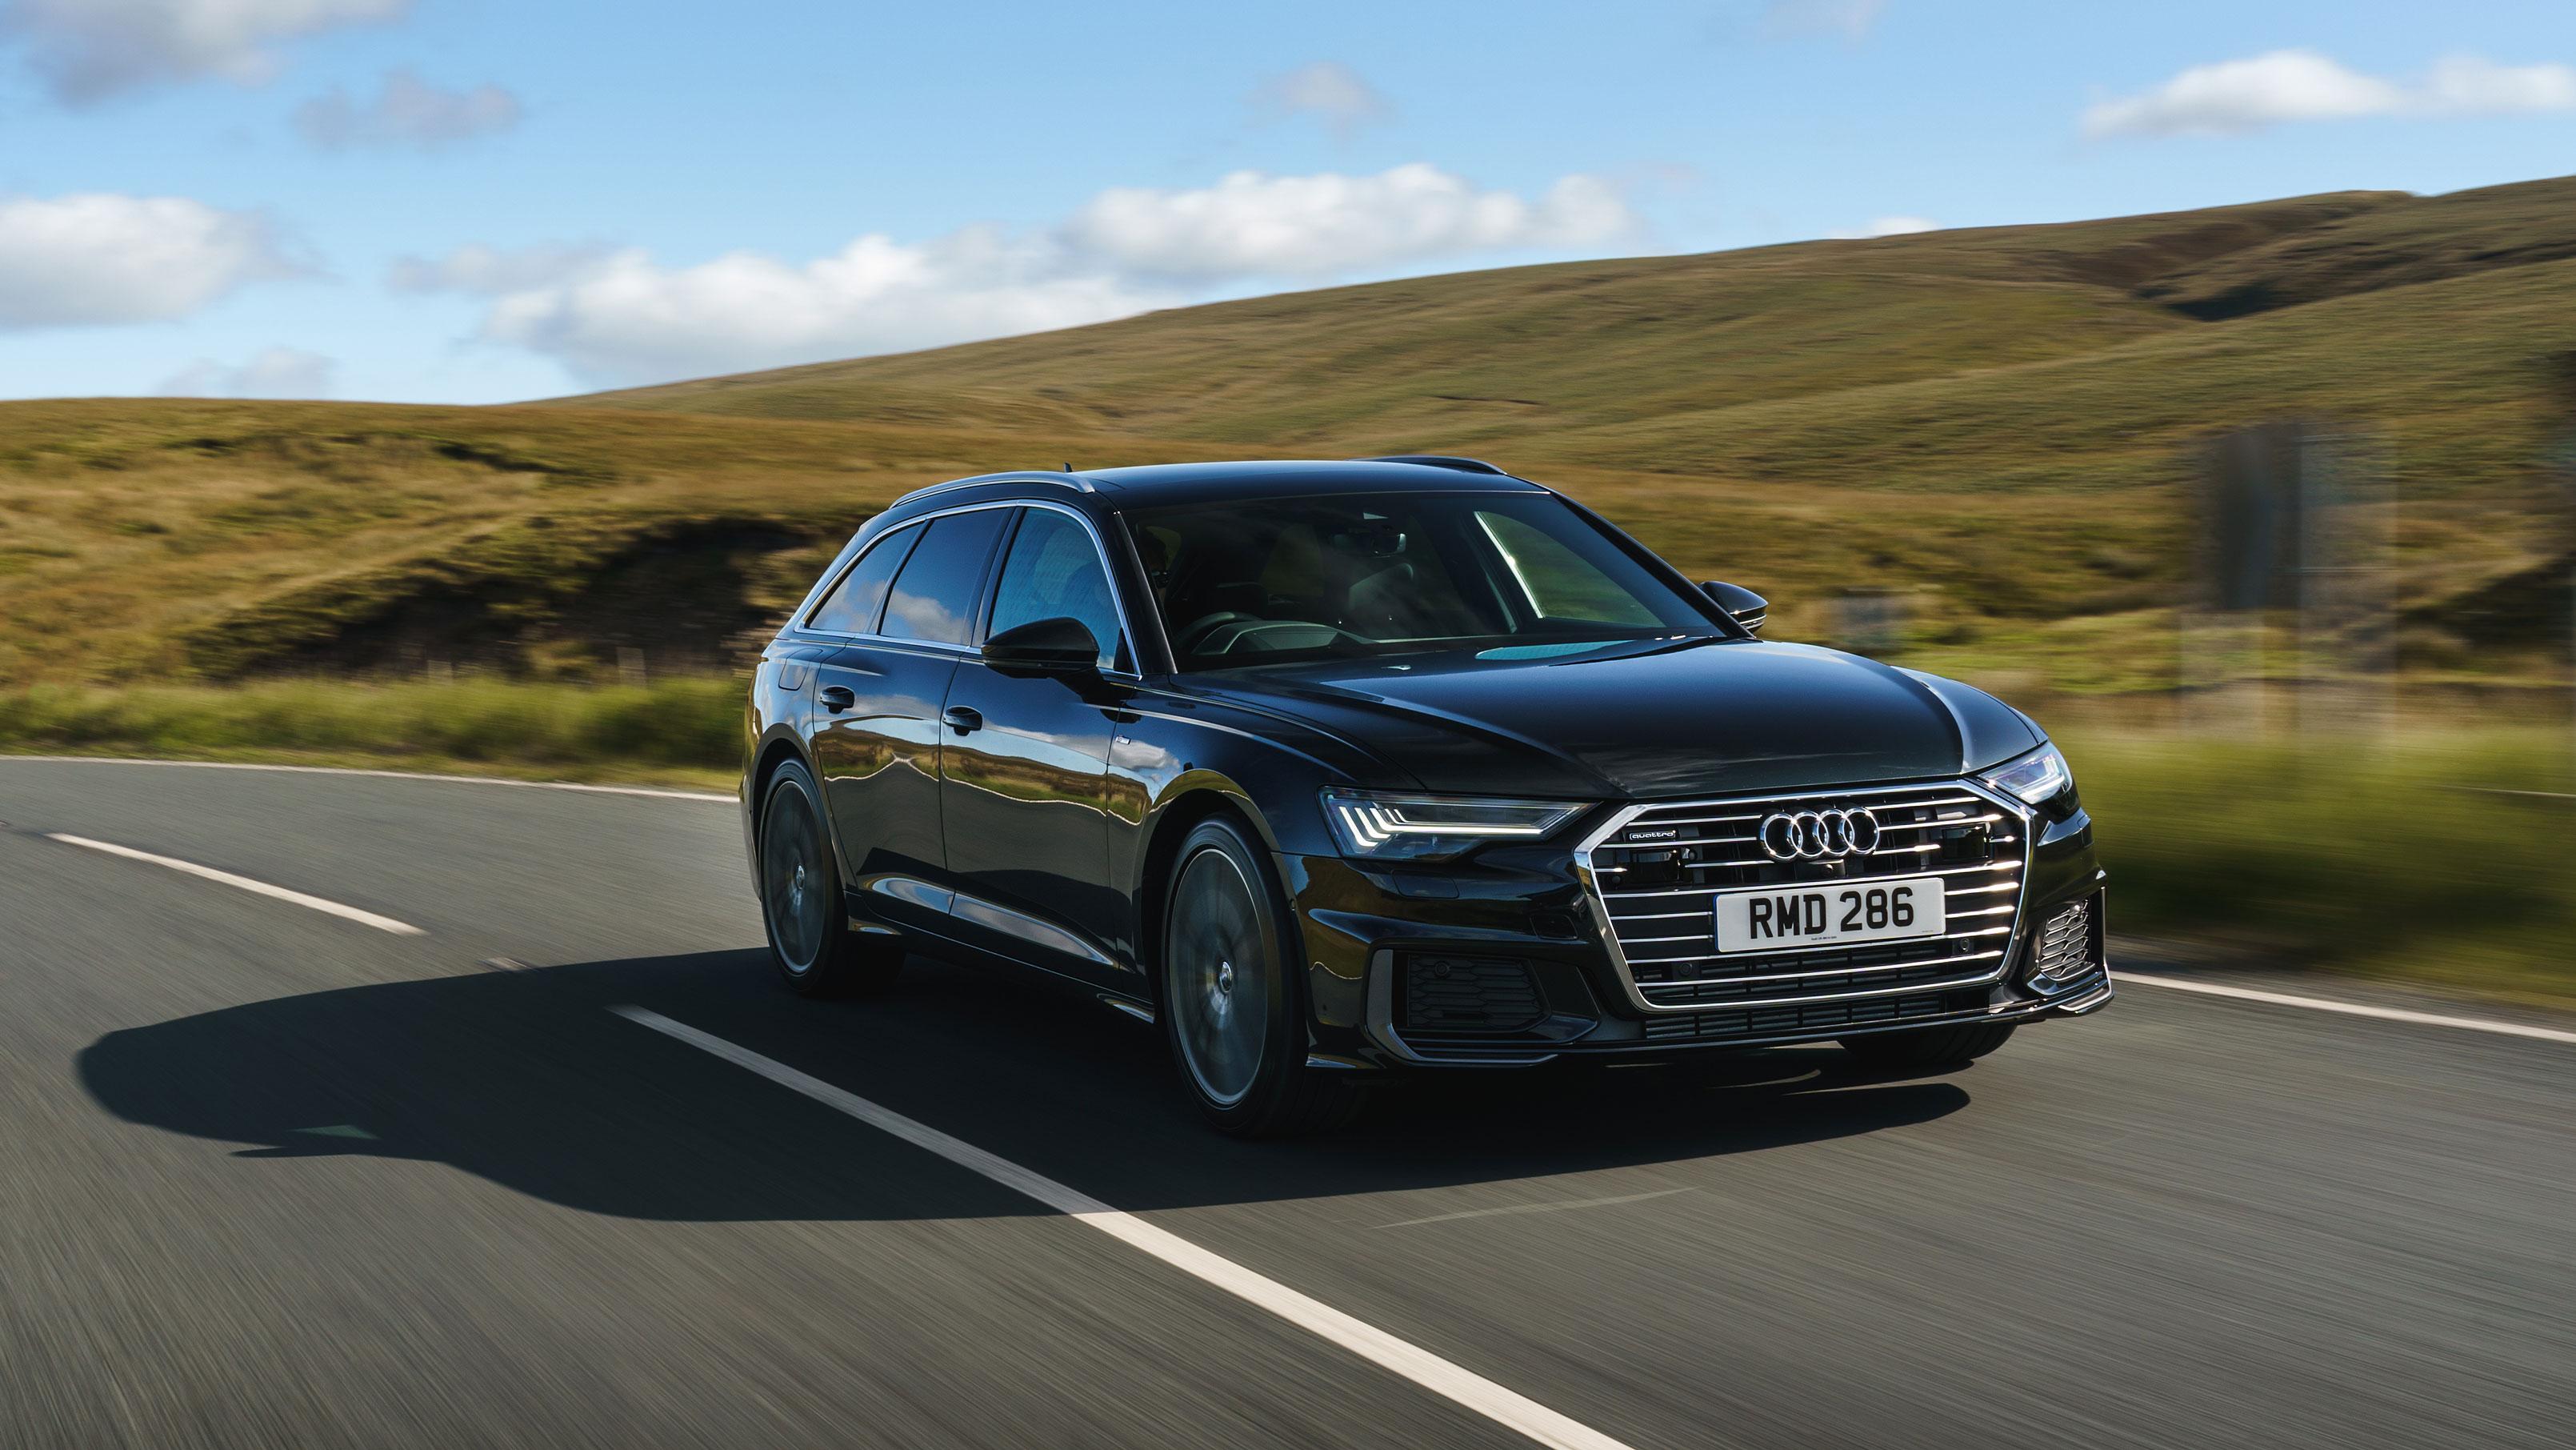 Kelebihan Kekurangan Audi C5 Spesifikasi